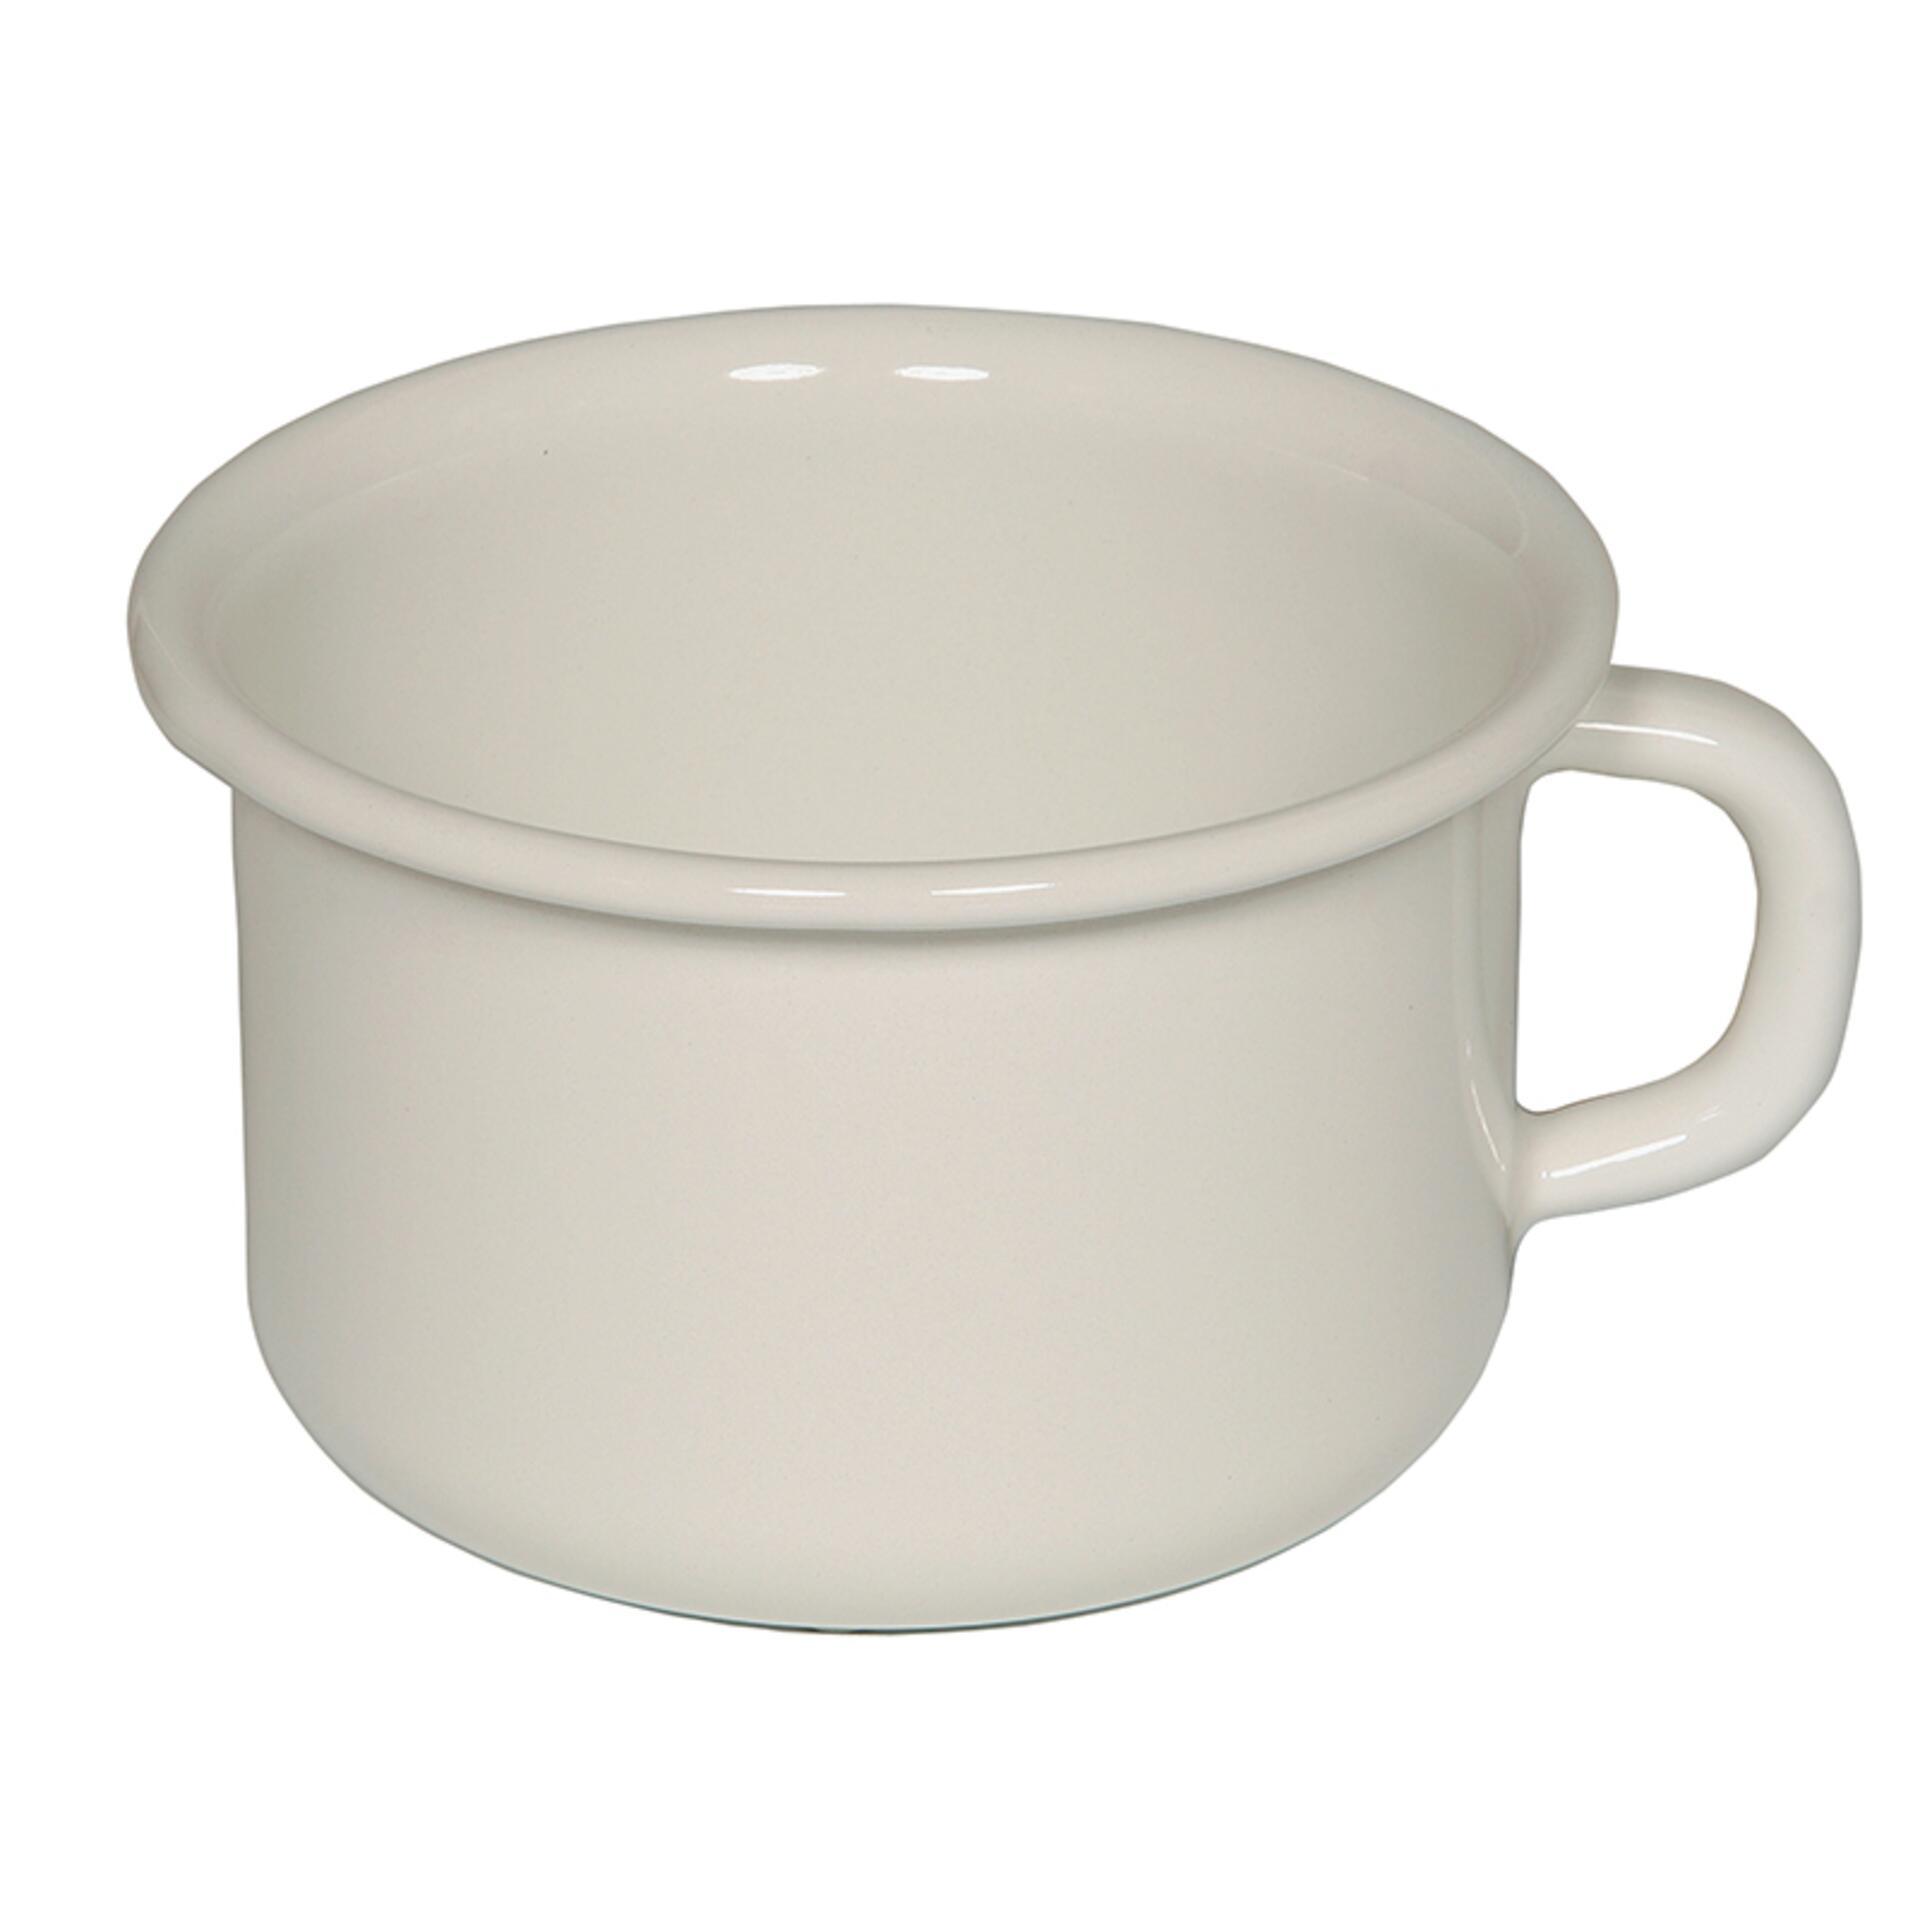 Riess Kaffeeschale Emaille 10 cm Weiss